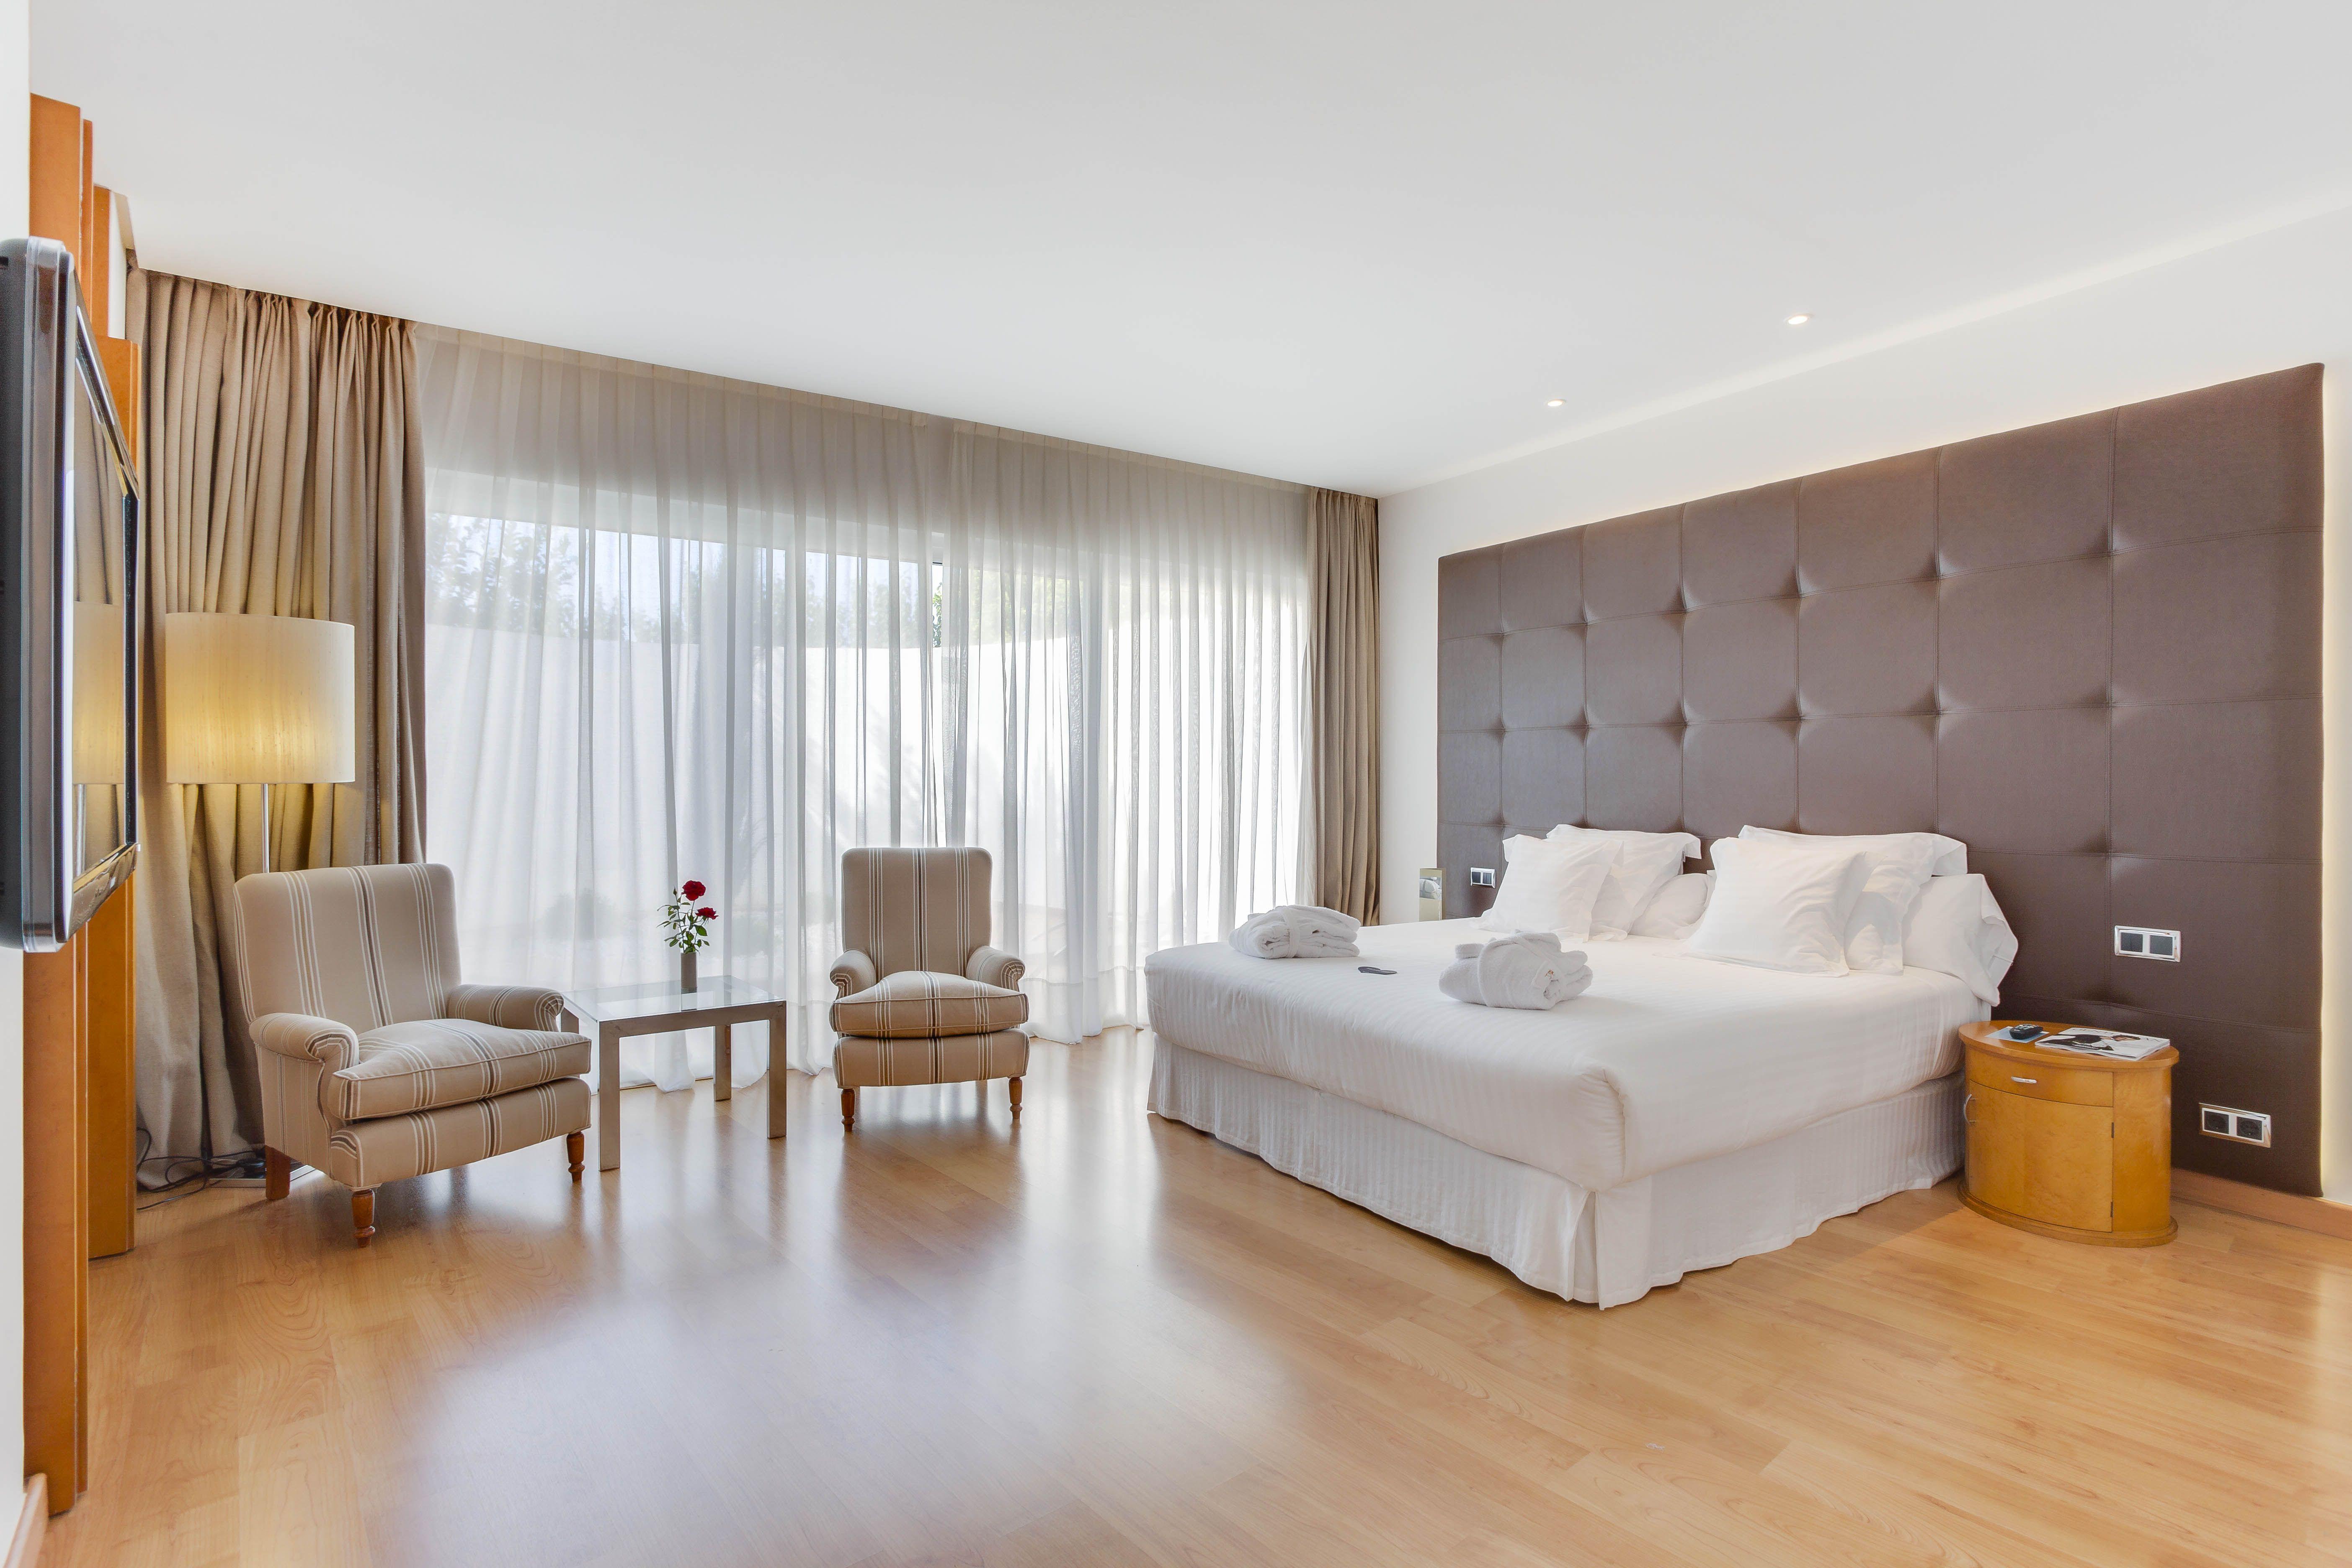 Habitaciones Hotel Barcel Sevilla Renacimiento Habitaciones Del  # Muebles Tubulares Ponce